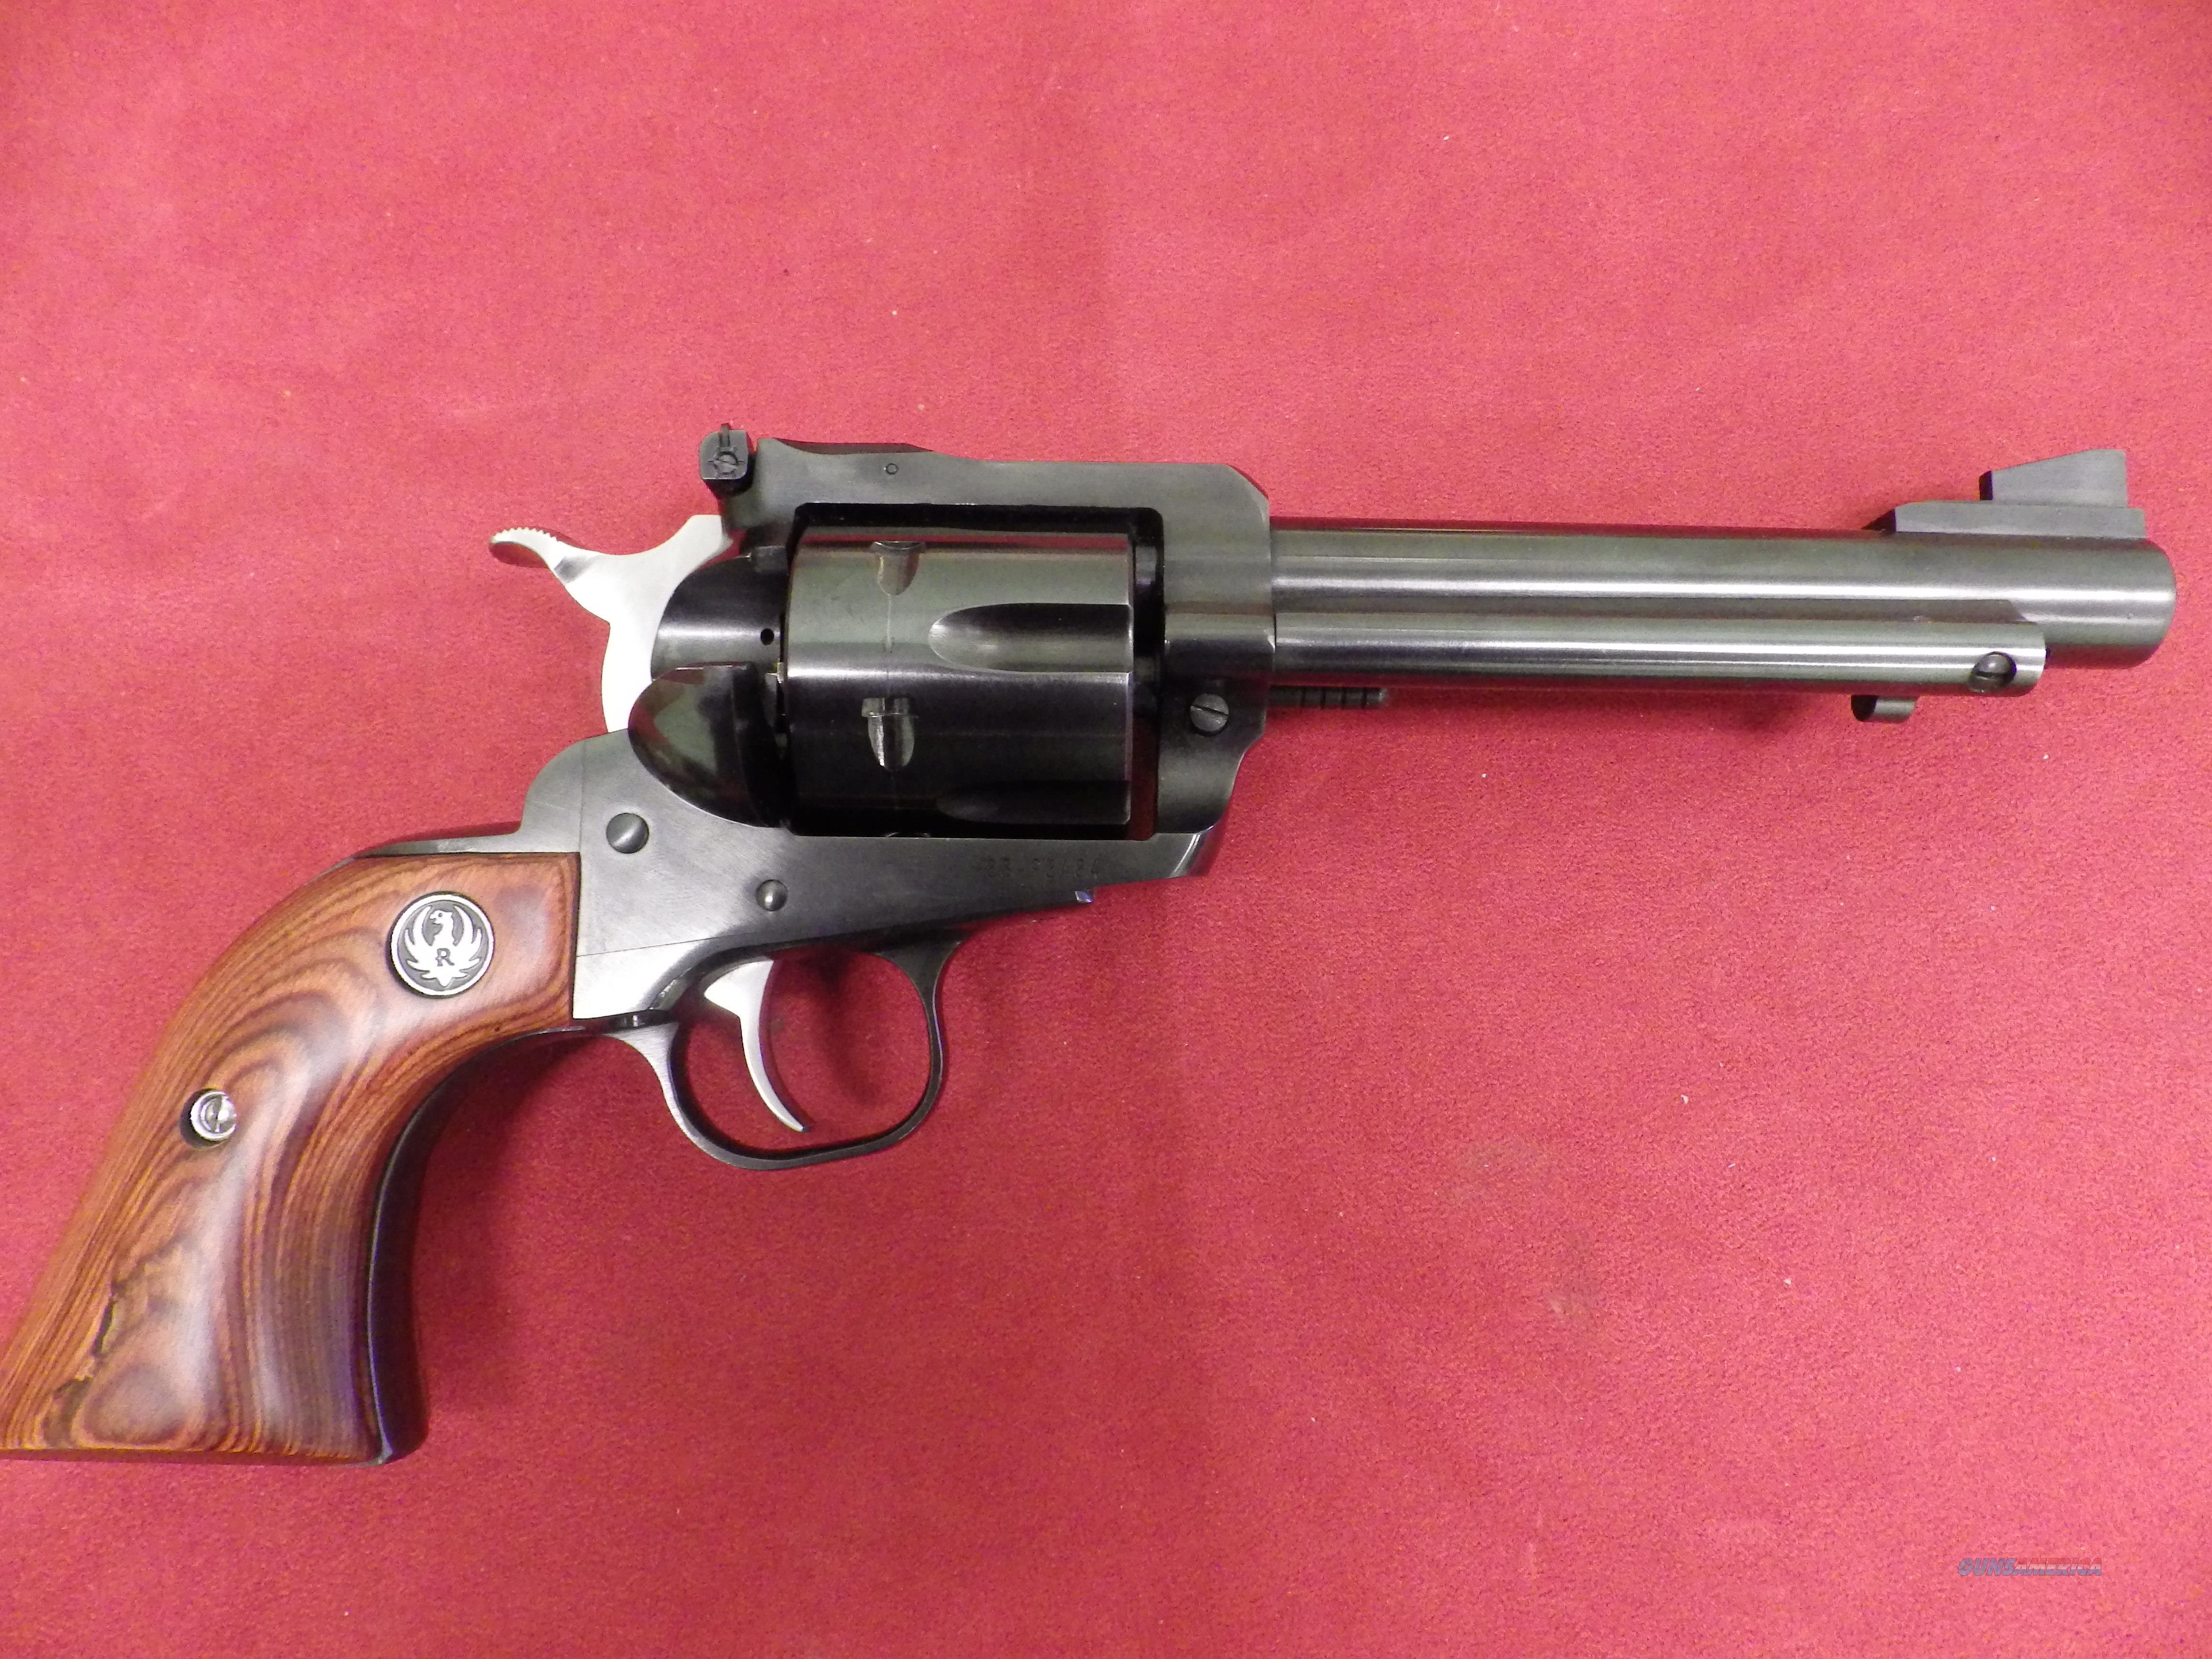 Ruger  Guns > Pistols > Ruger Single Action Revolvers > Blackhawk Type